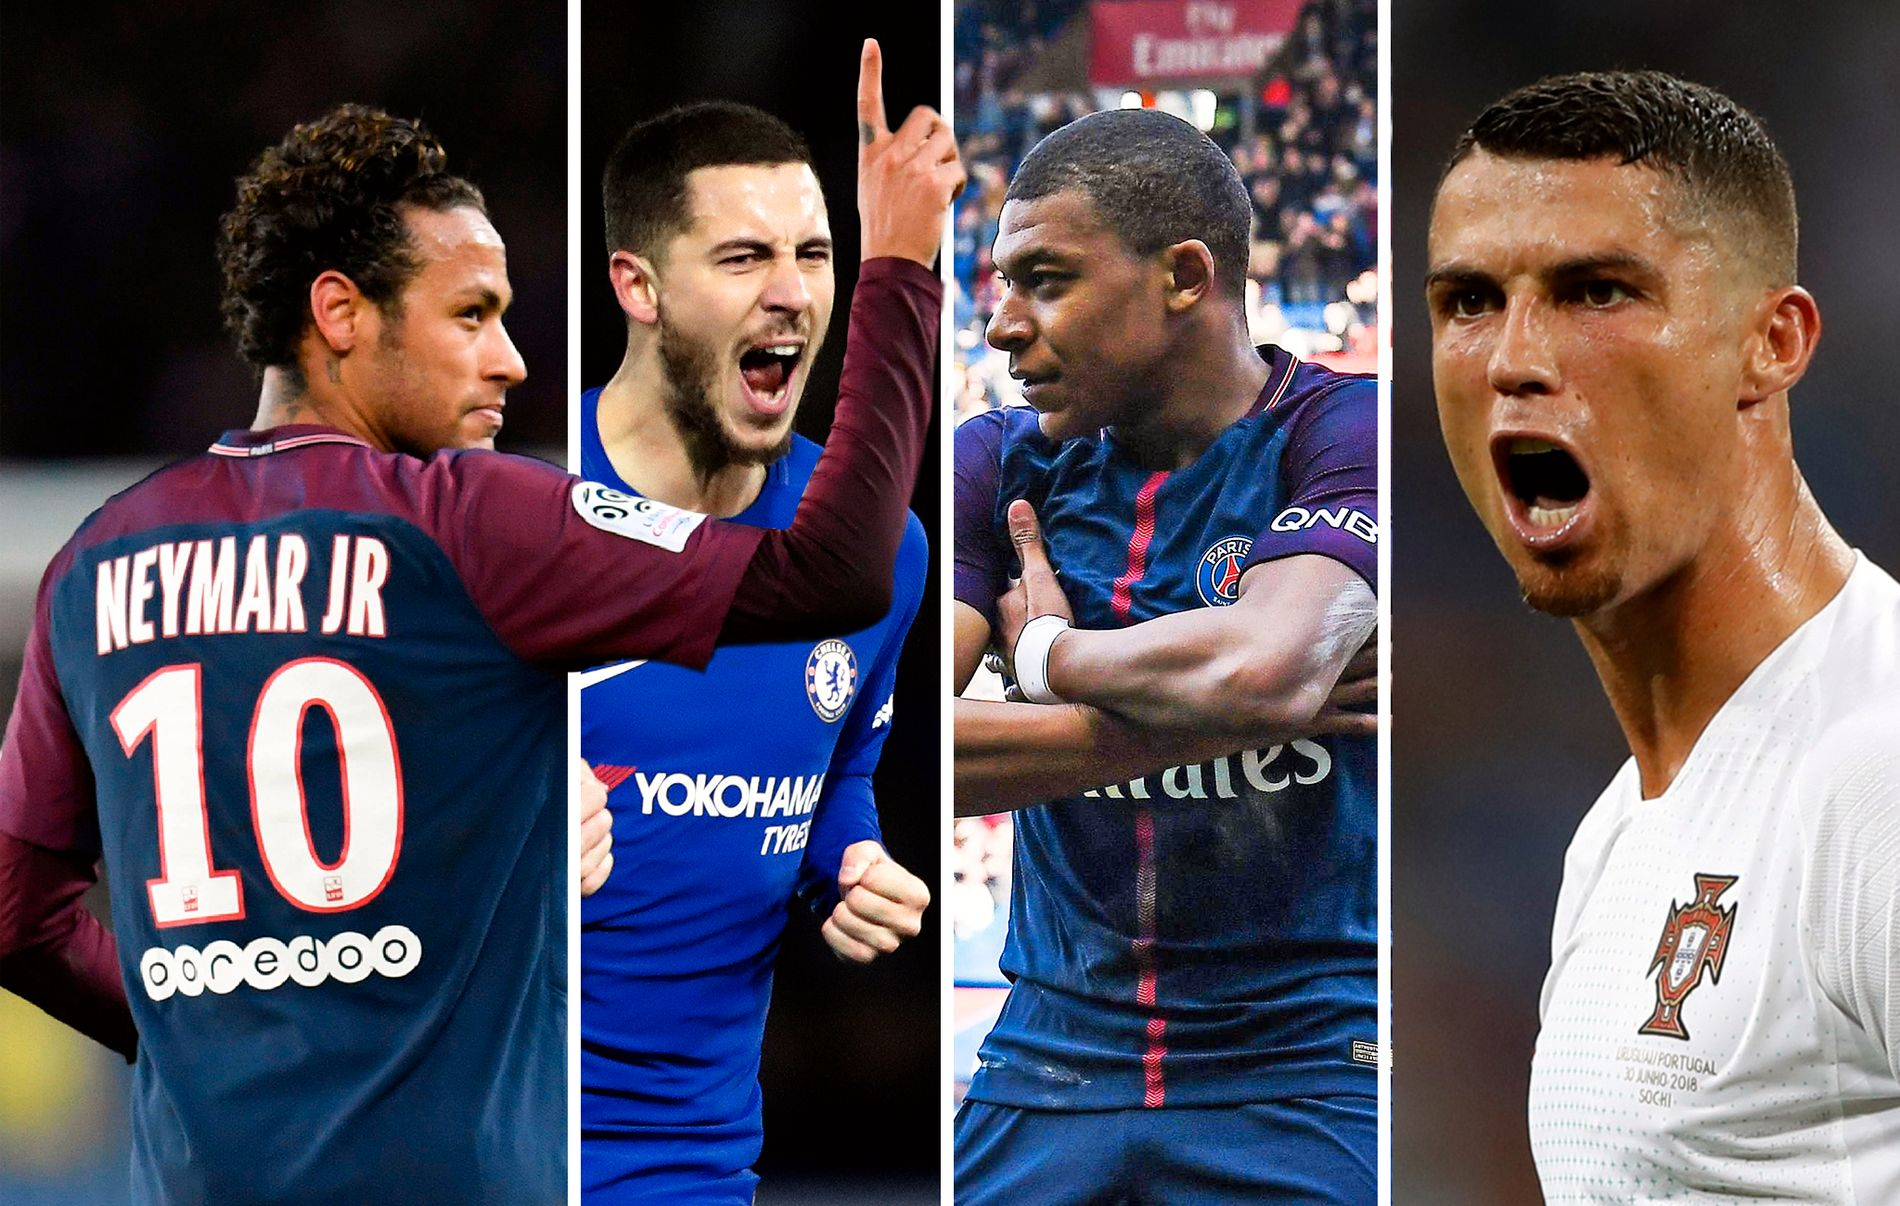 KANDIDATER: Cristiano Ronaldo (t.h.) er ferdig, men hvem kommer inn? Neymar, Eden Hazard og Kylian Mbappé er blant de heteste kandidatene.